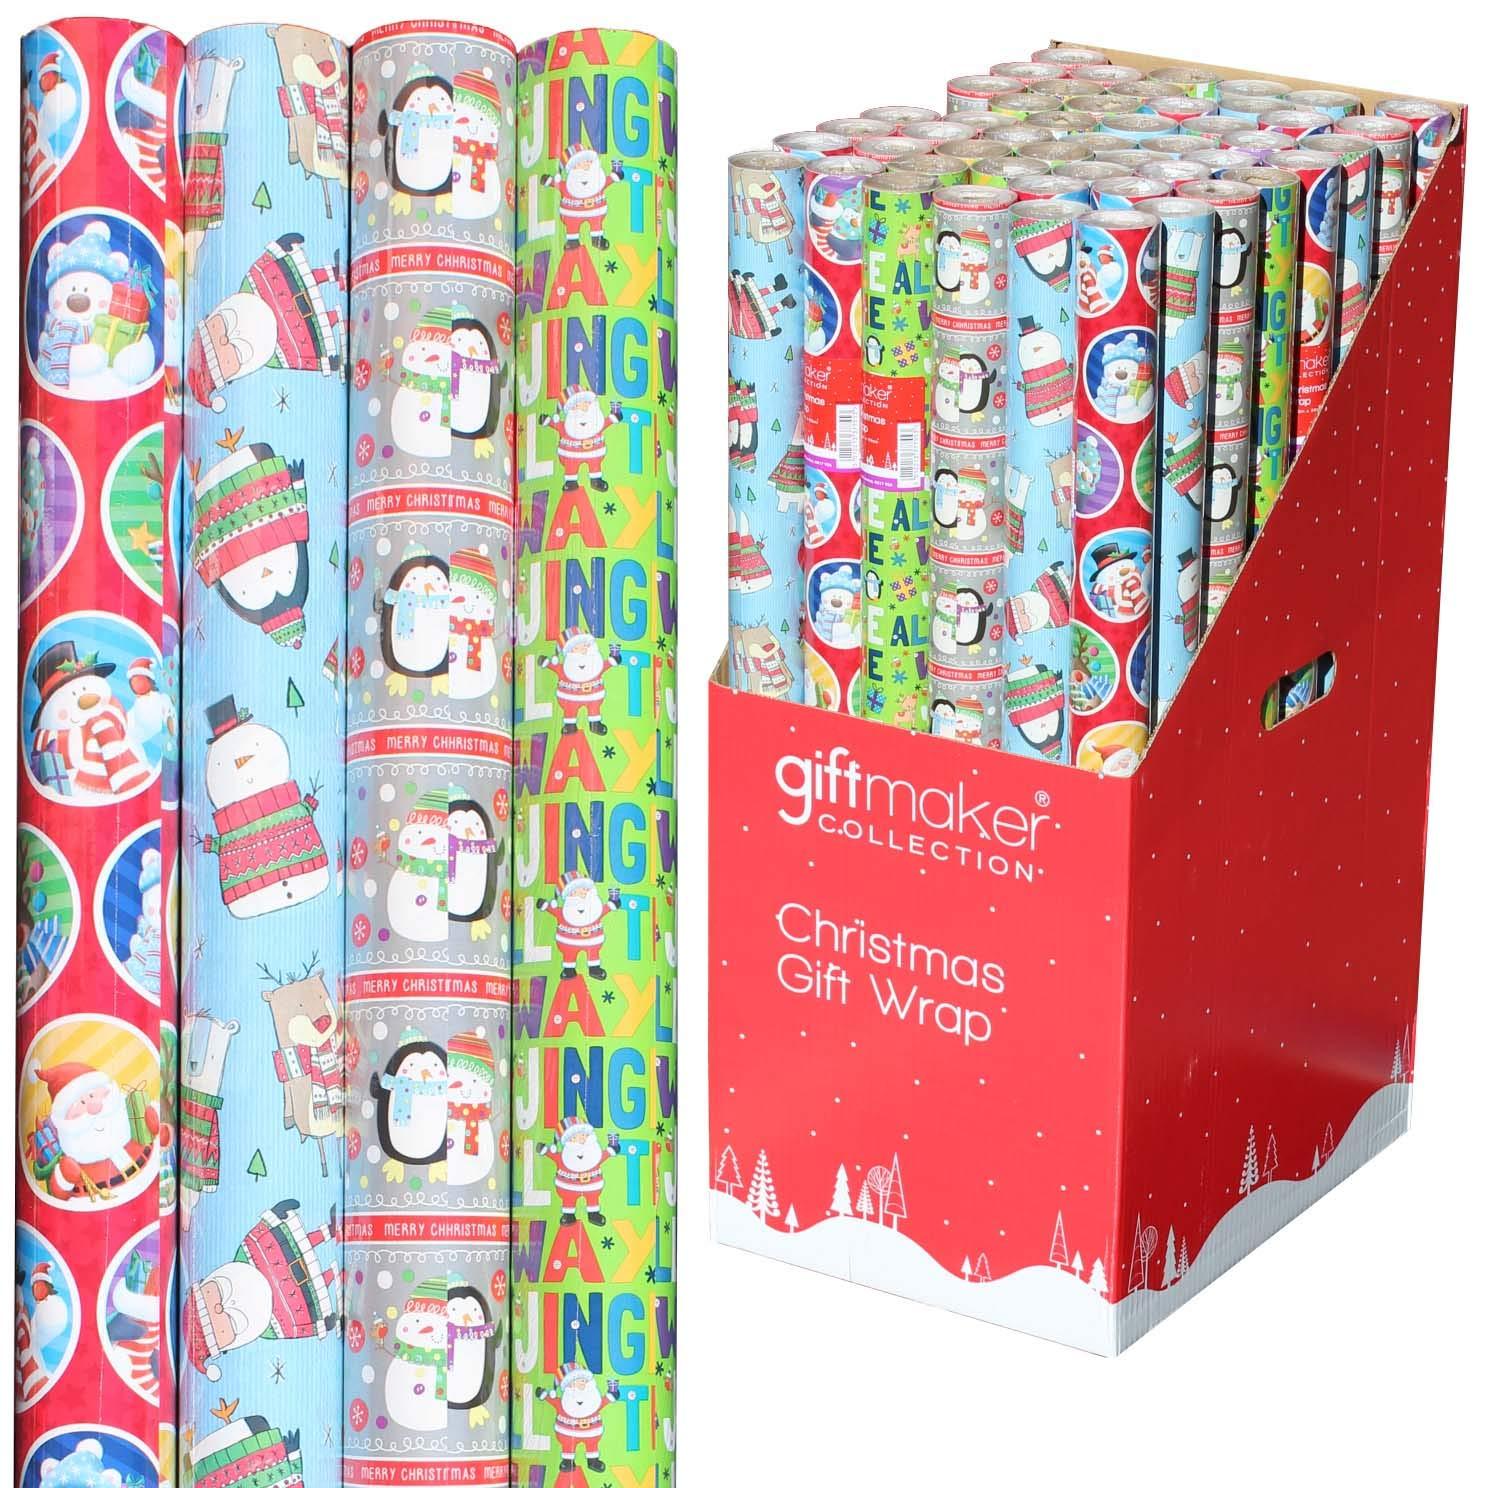 Geschenkpapier für Weihnachten, traditioneller traditioneller traditioneller Weihnachtsmann, Schneemann, Rentier, Pinguin, cooles Design B07JB4ZKXW | Haltbarkeit  e18281